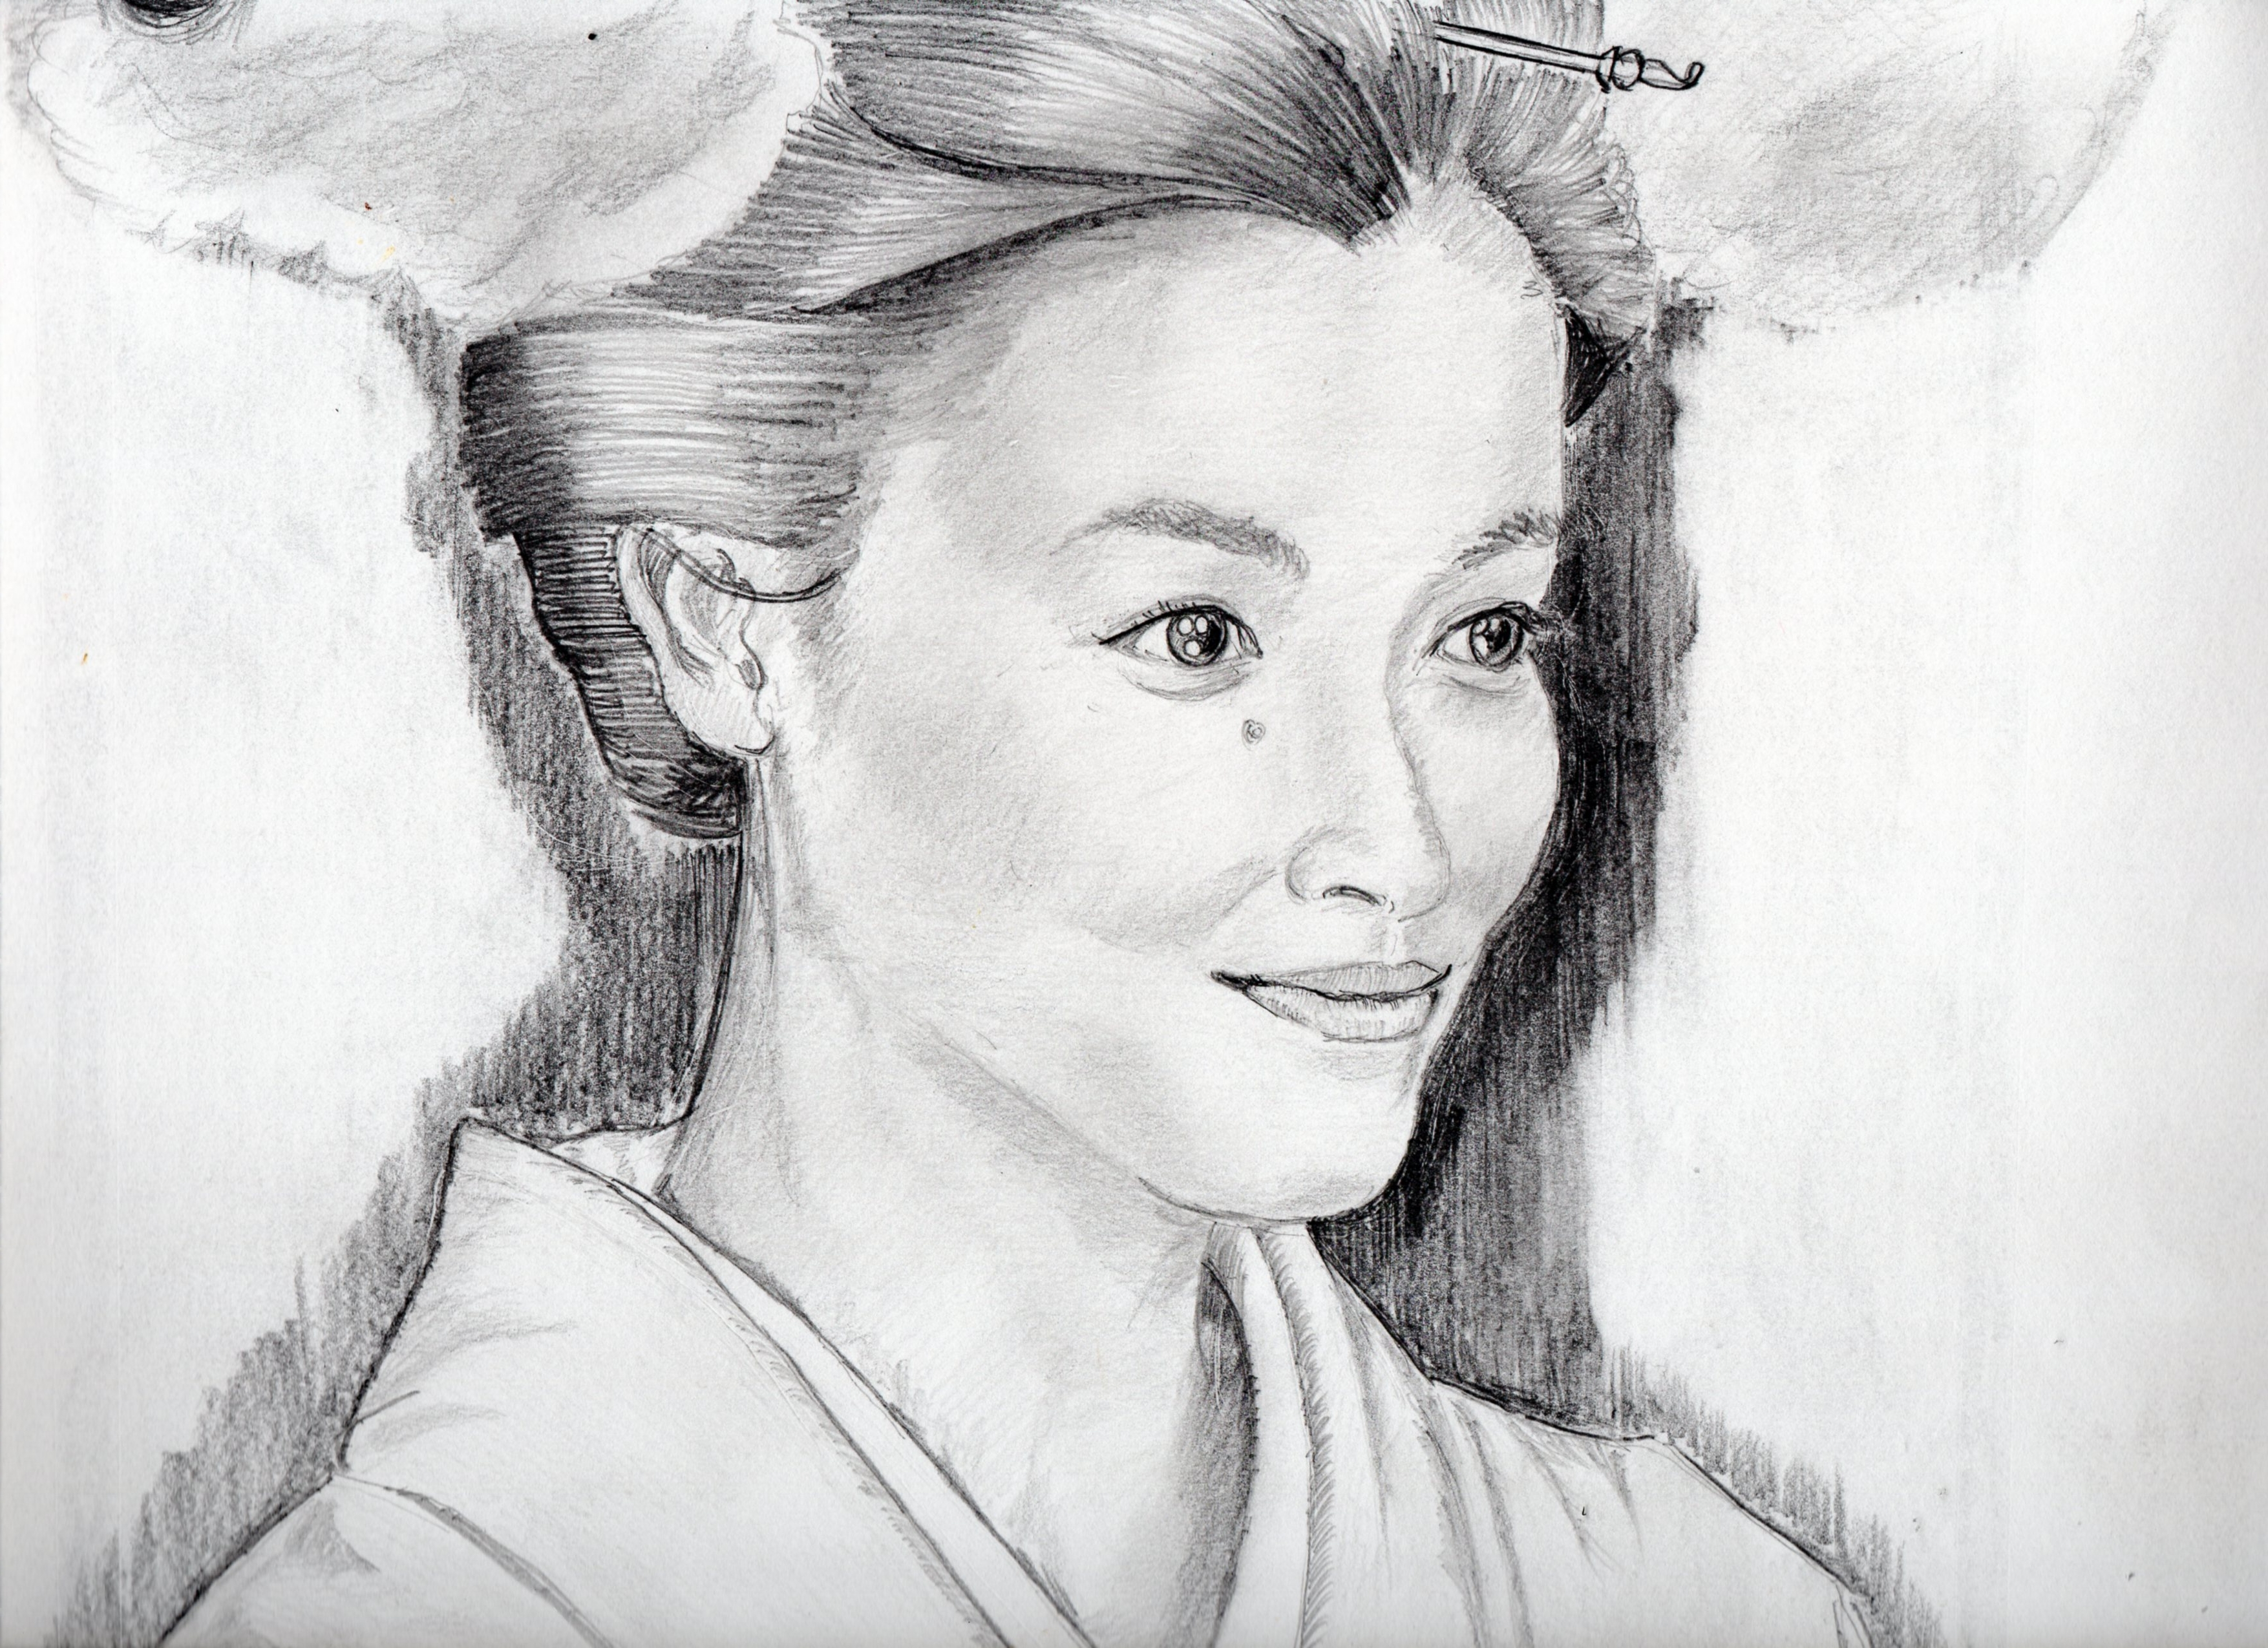 宮沢りえの鉛筆画似顔絵